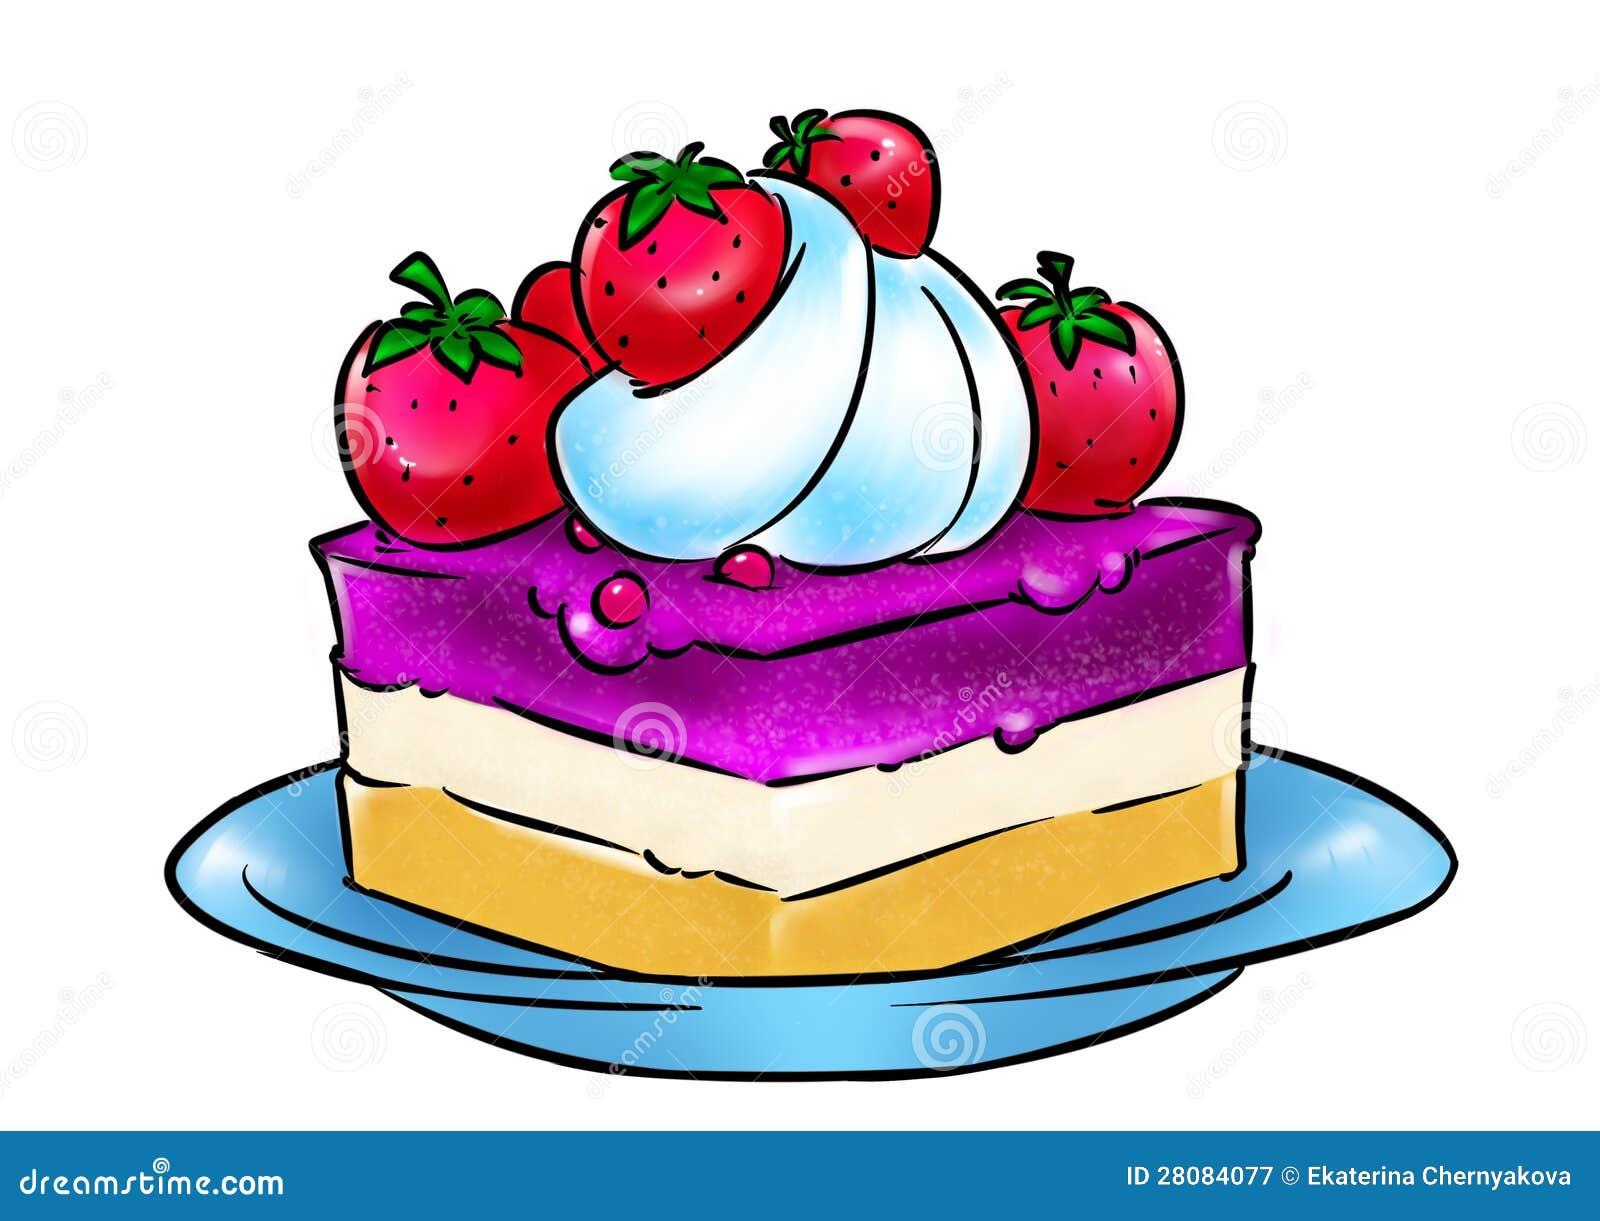 Strawberry Cake Cartoon Images : Strawberry Cream Cake Illustration Royalty Free Stock ...